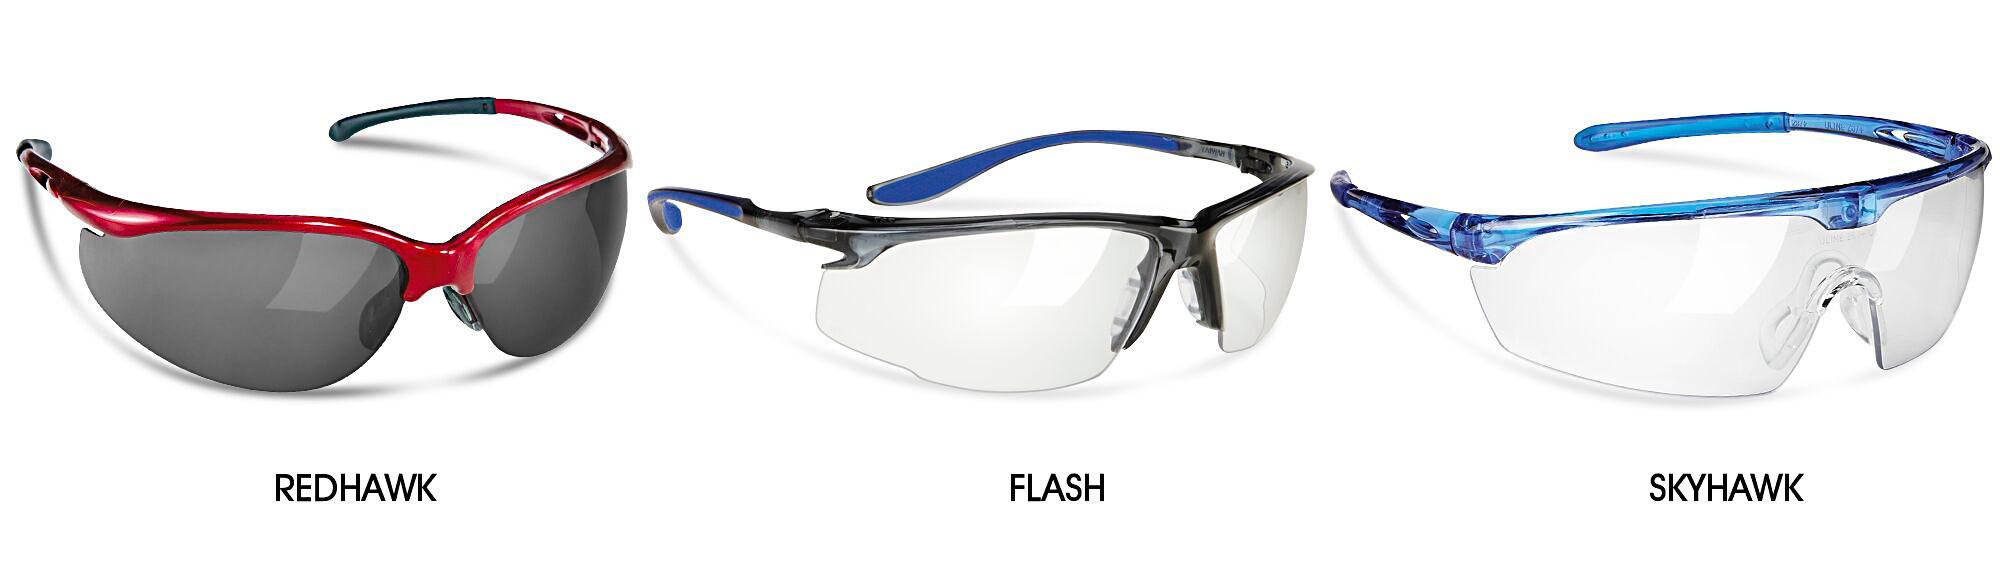 Uline Safety Glasses